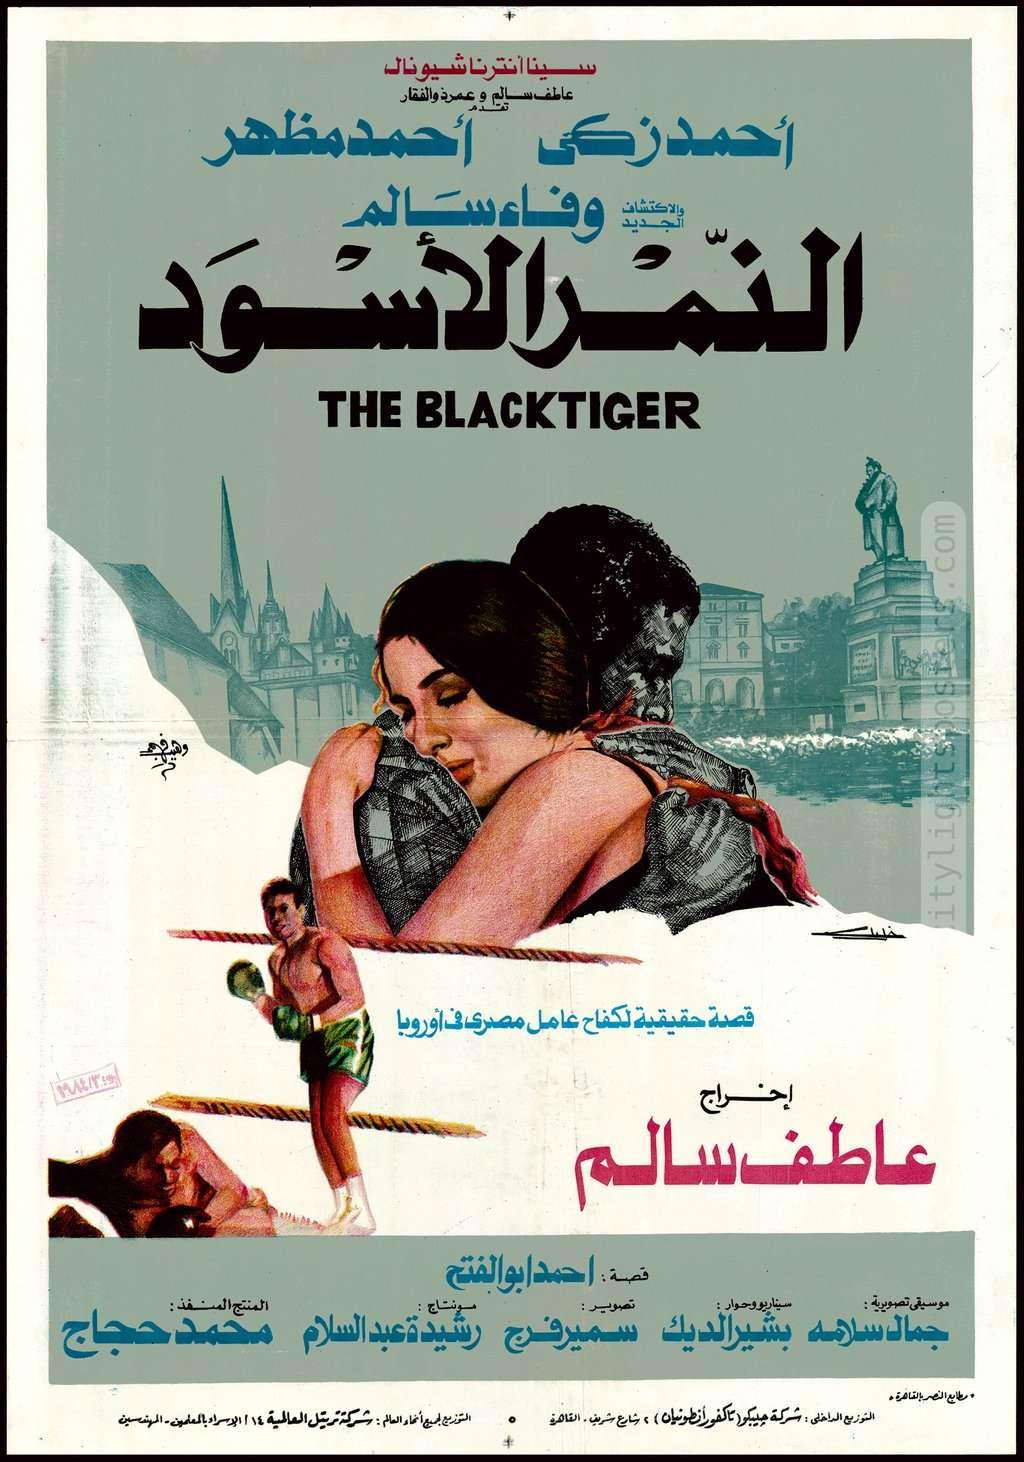 [فيلم][تورنت][تحميل][النمر الأسود][1984][1080p][Web-DL] 1 arabp2p.com